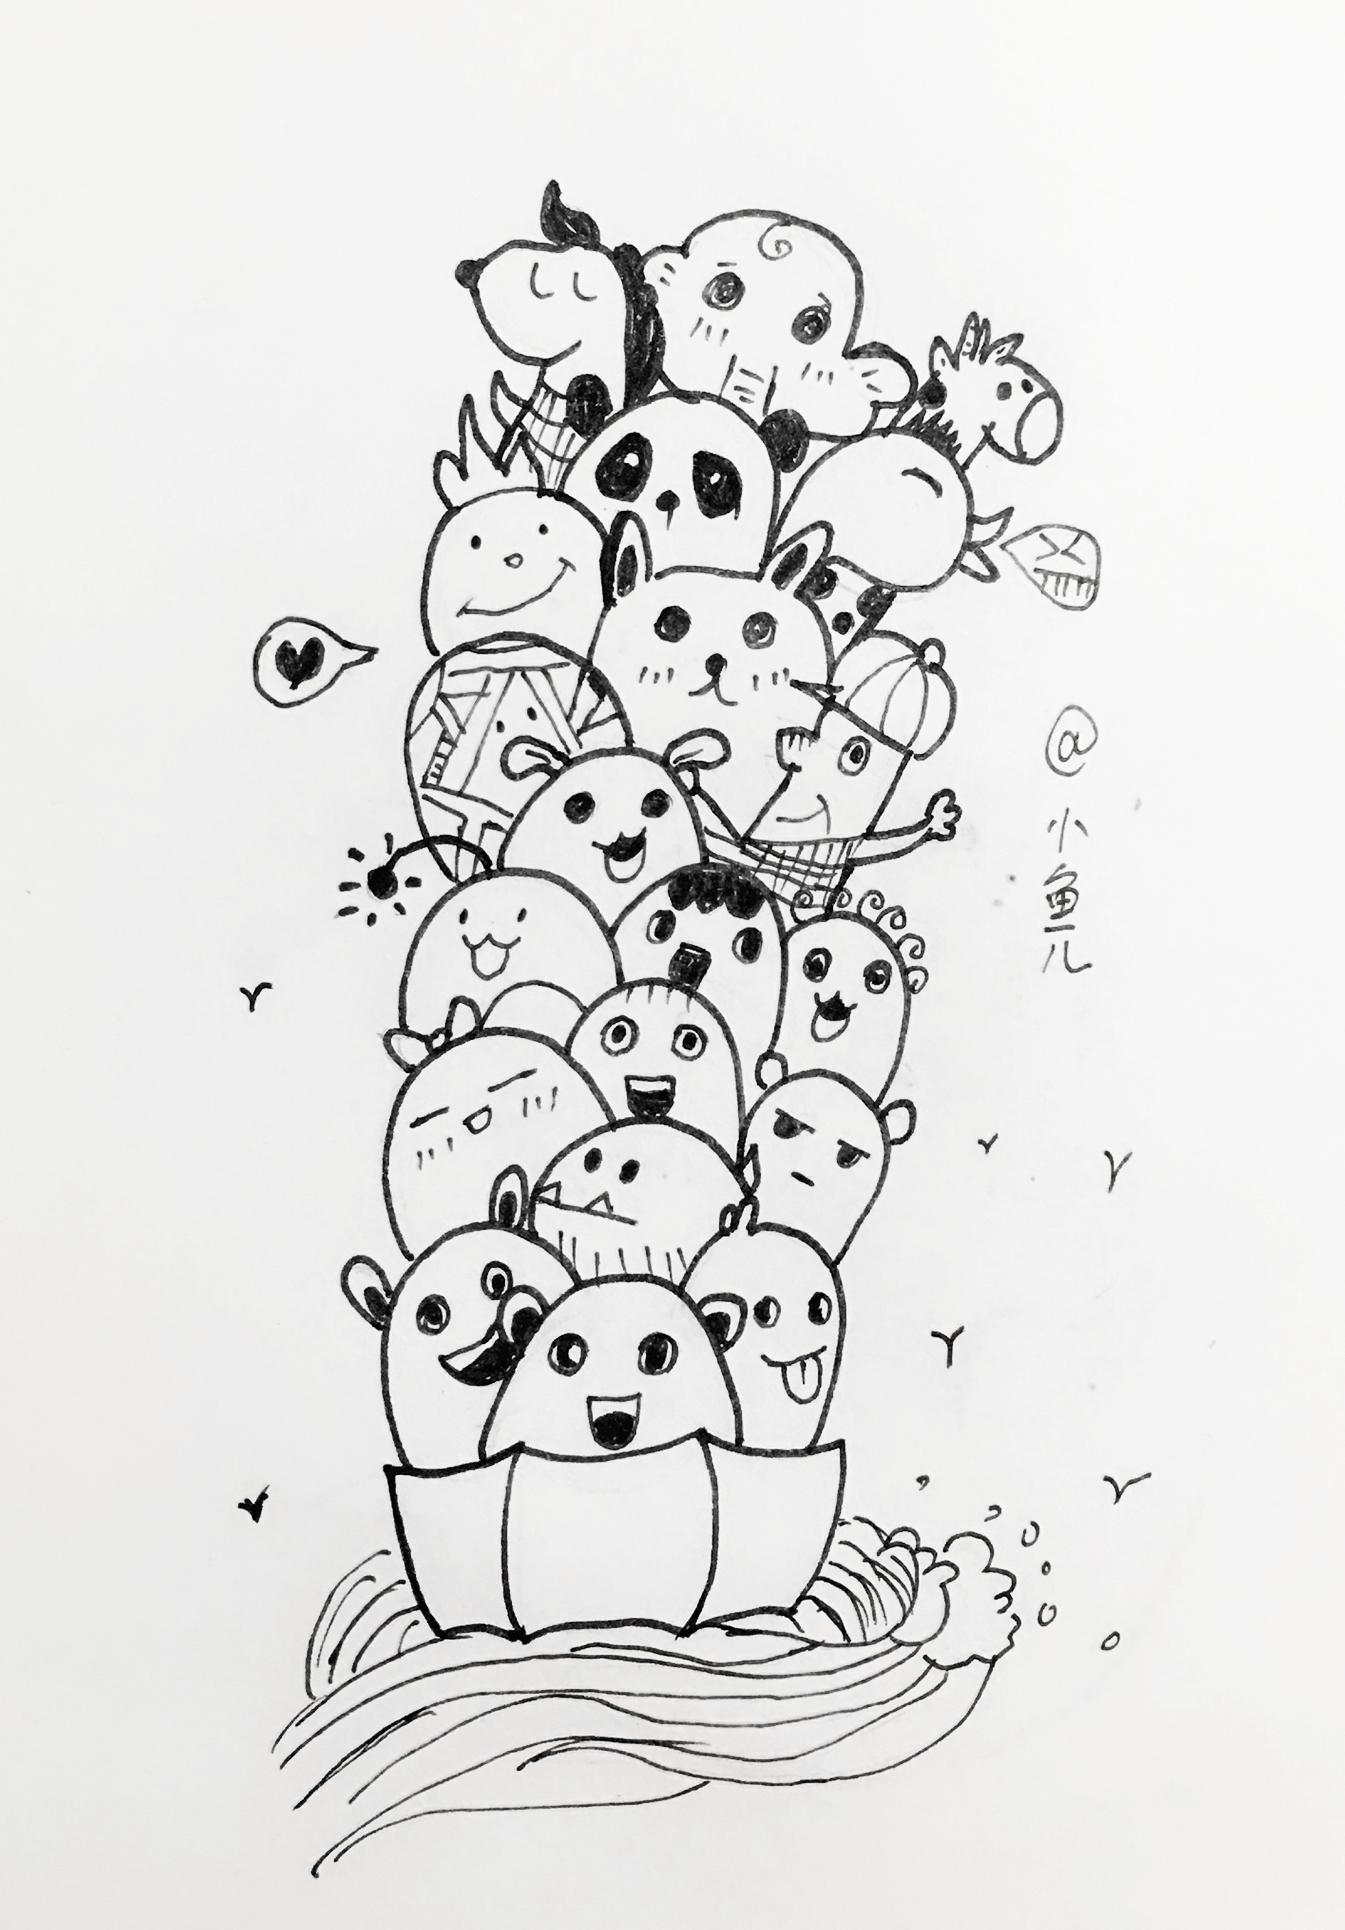 黑白插画手绘练习|插画|插画习作|jcyjing - 原创作品